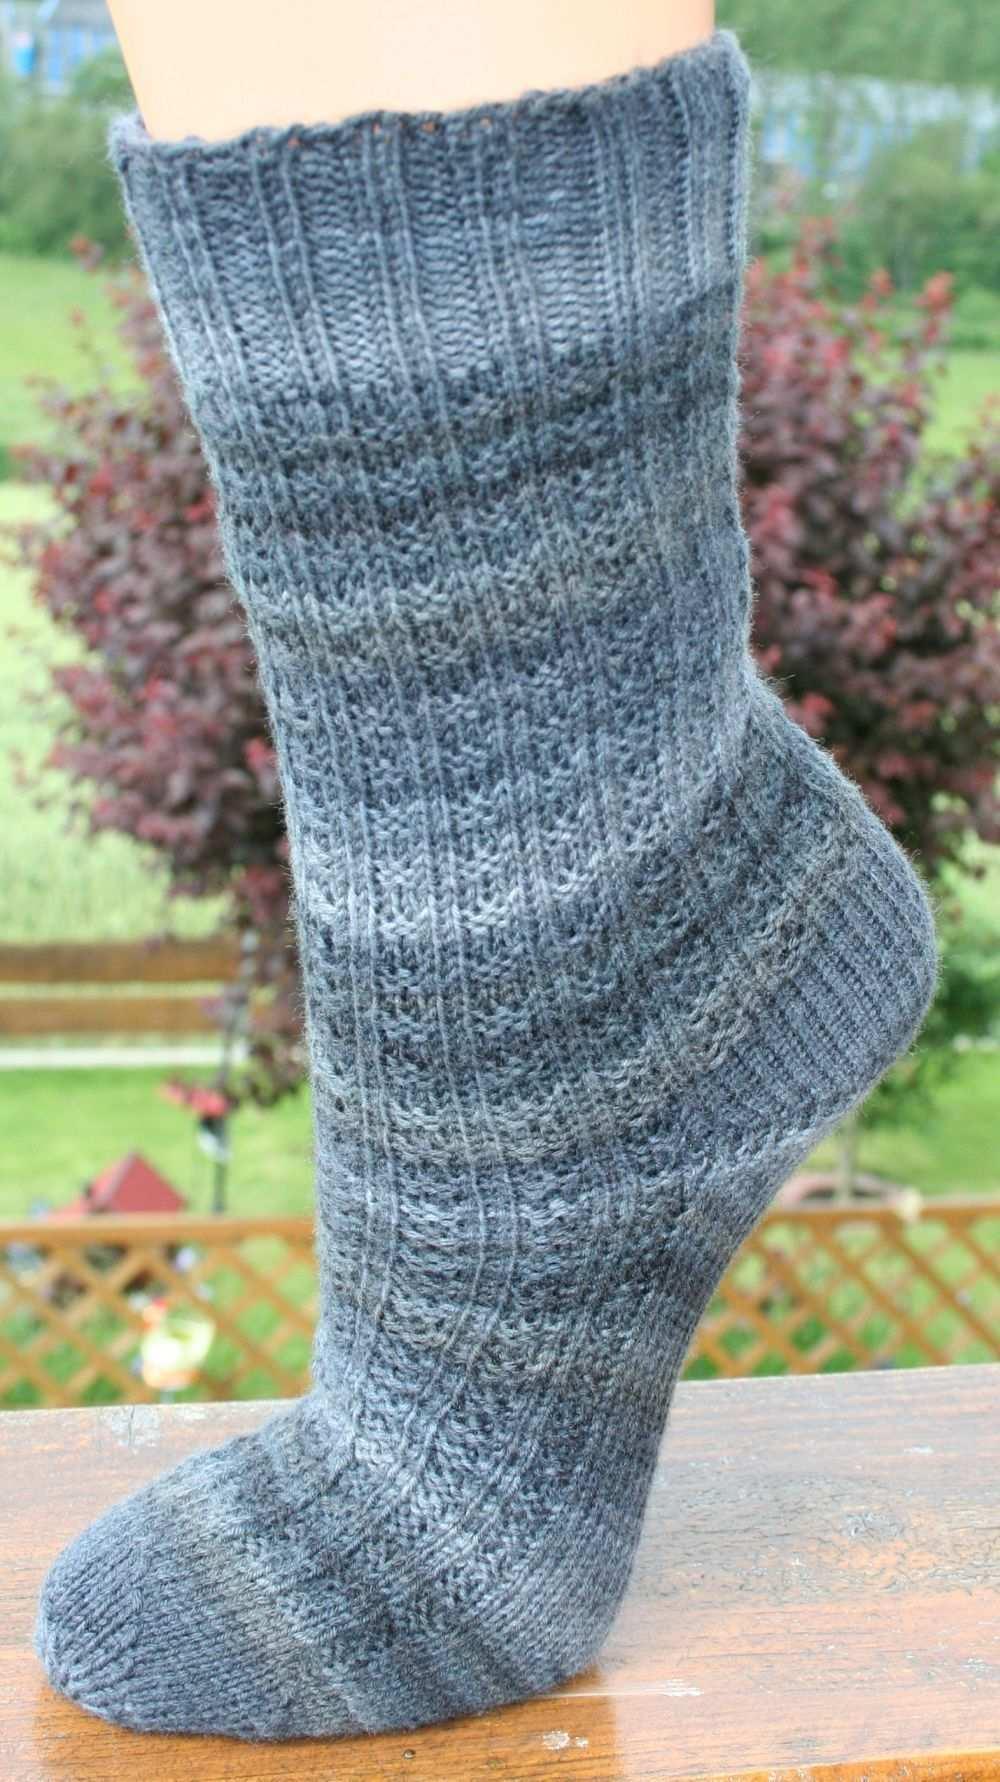 Waffelmuster Juni 17 Socken Stricken Muster Socken Stricken Gemusterte Socken